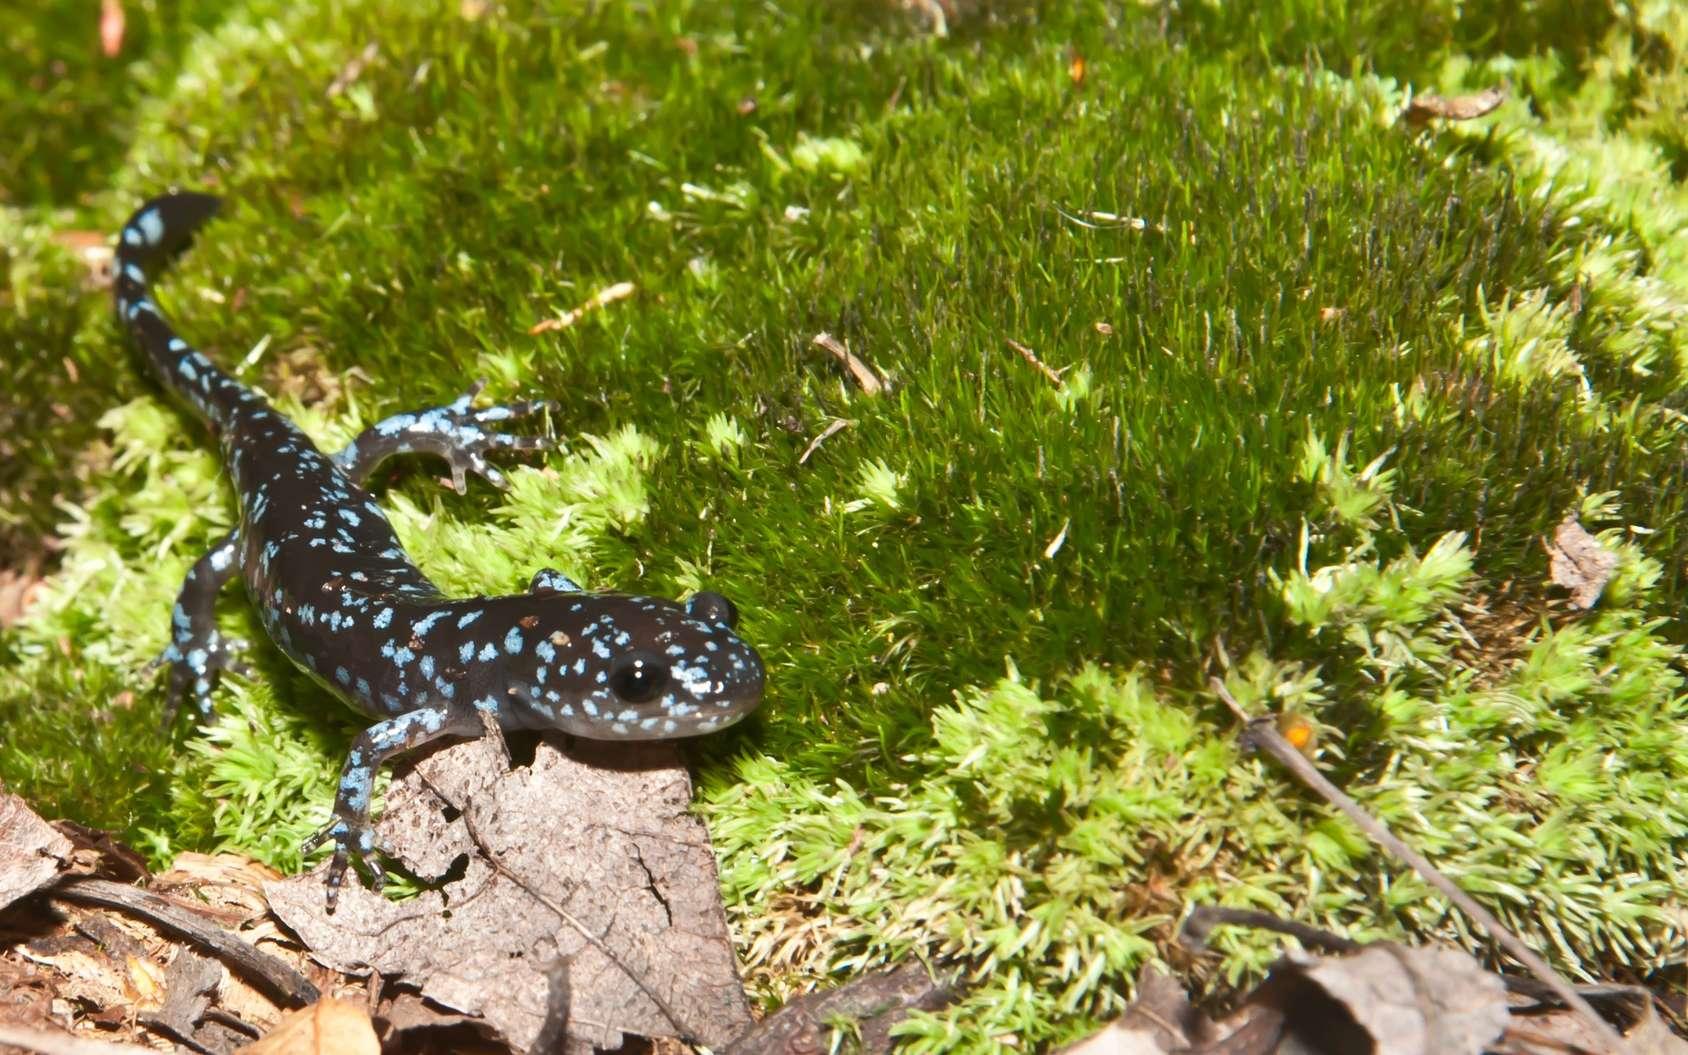 La salamandre à points bleus est l'une des espèces sexuées qui fournit des gènes à cette curieuse salamandre. © ondreicka, Fotolia